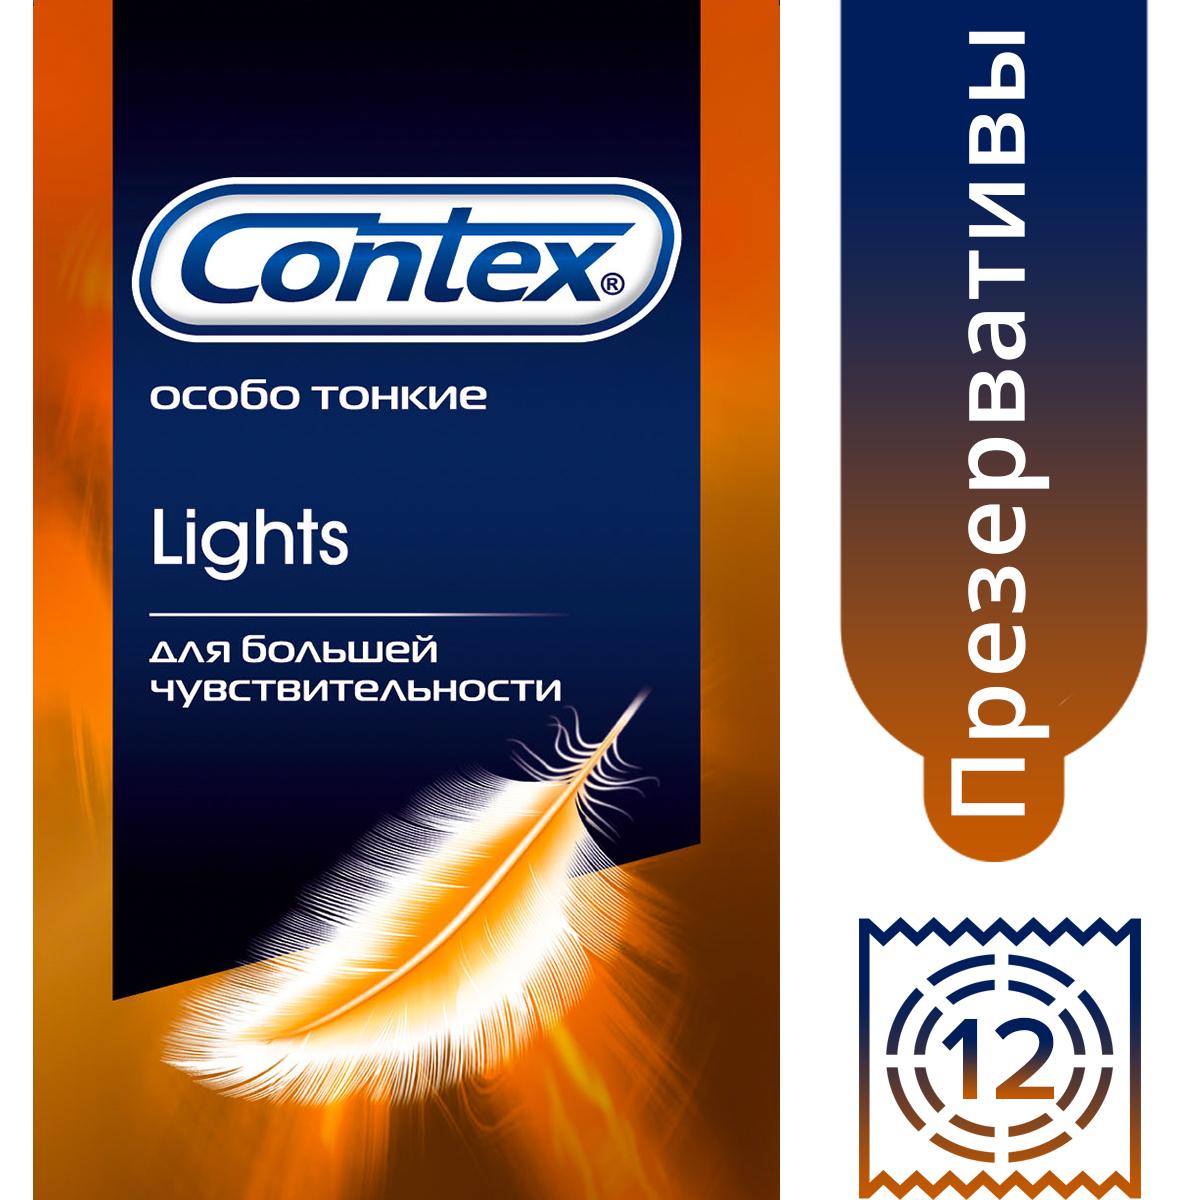 CONTEX Lights (особо тонкие) Презервативы №12